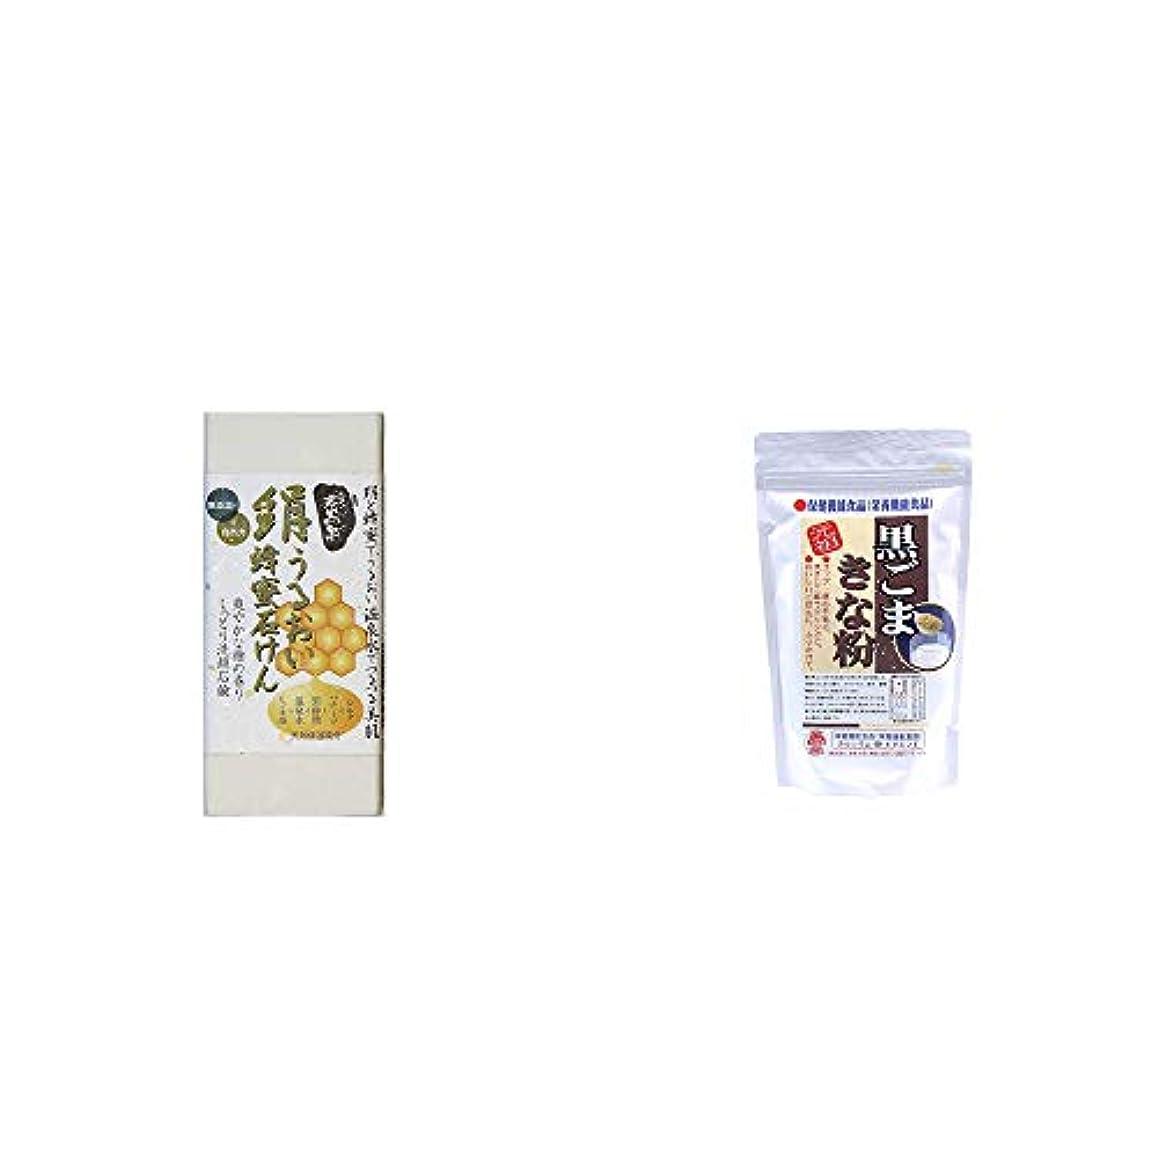 モニター確率知人[2点セット] ひのき炭黒泉 絹うるおい蜂蜜石けん(75g×2)?黒ごまきな粉(270g)